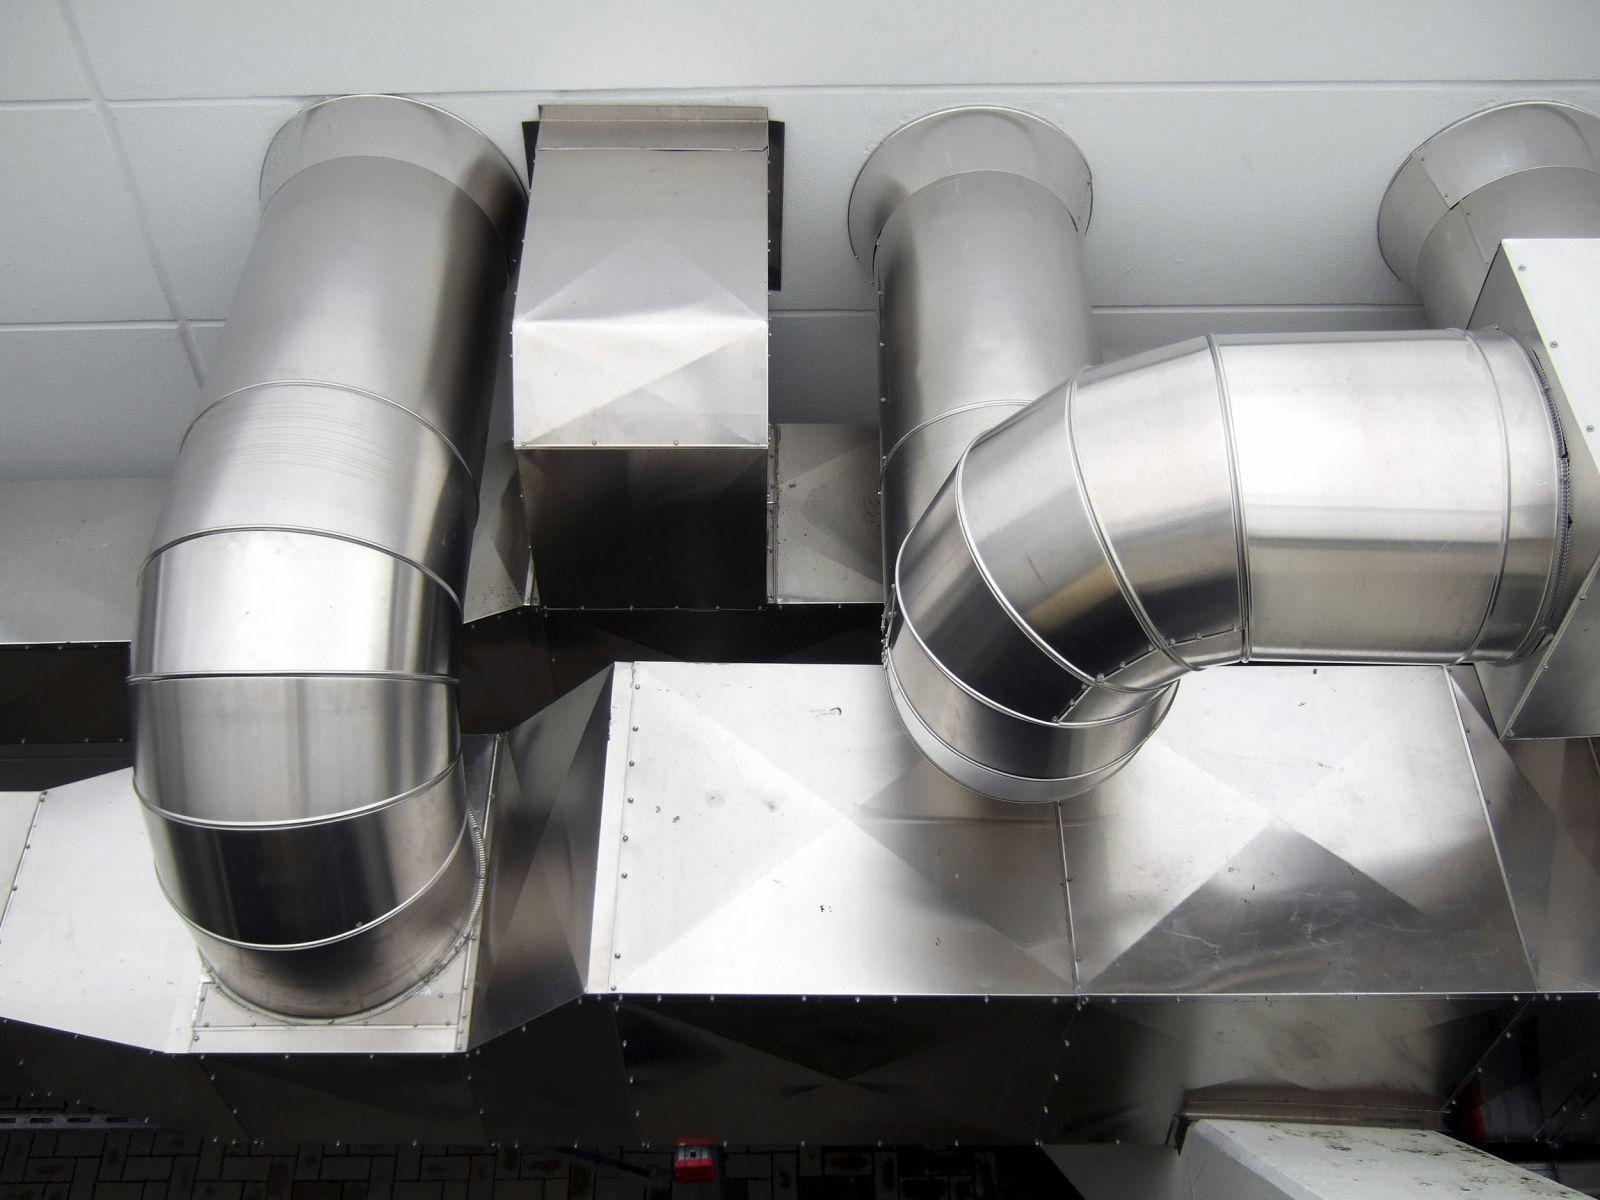 воздуховоды для вентиляции оцинкованные